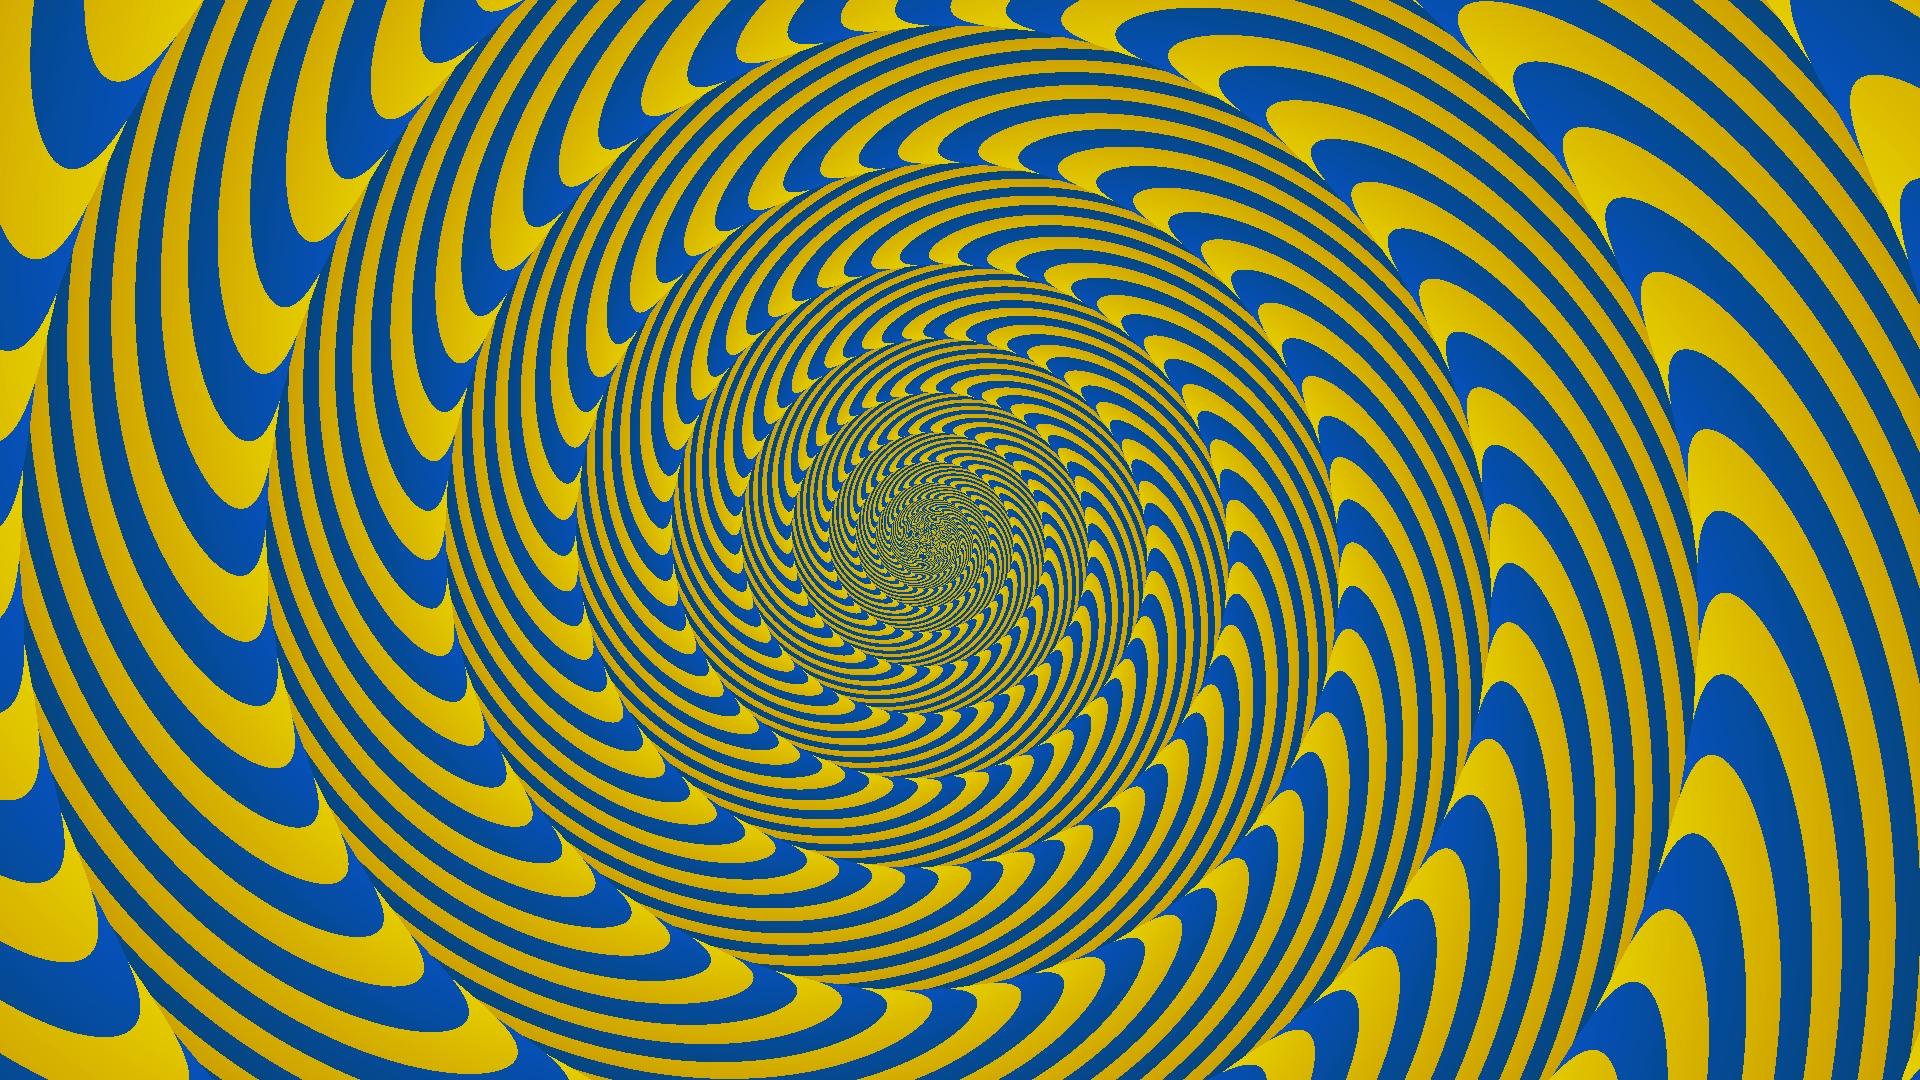 Illusion a wallpaper